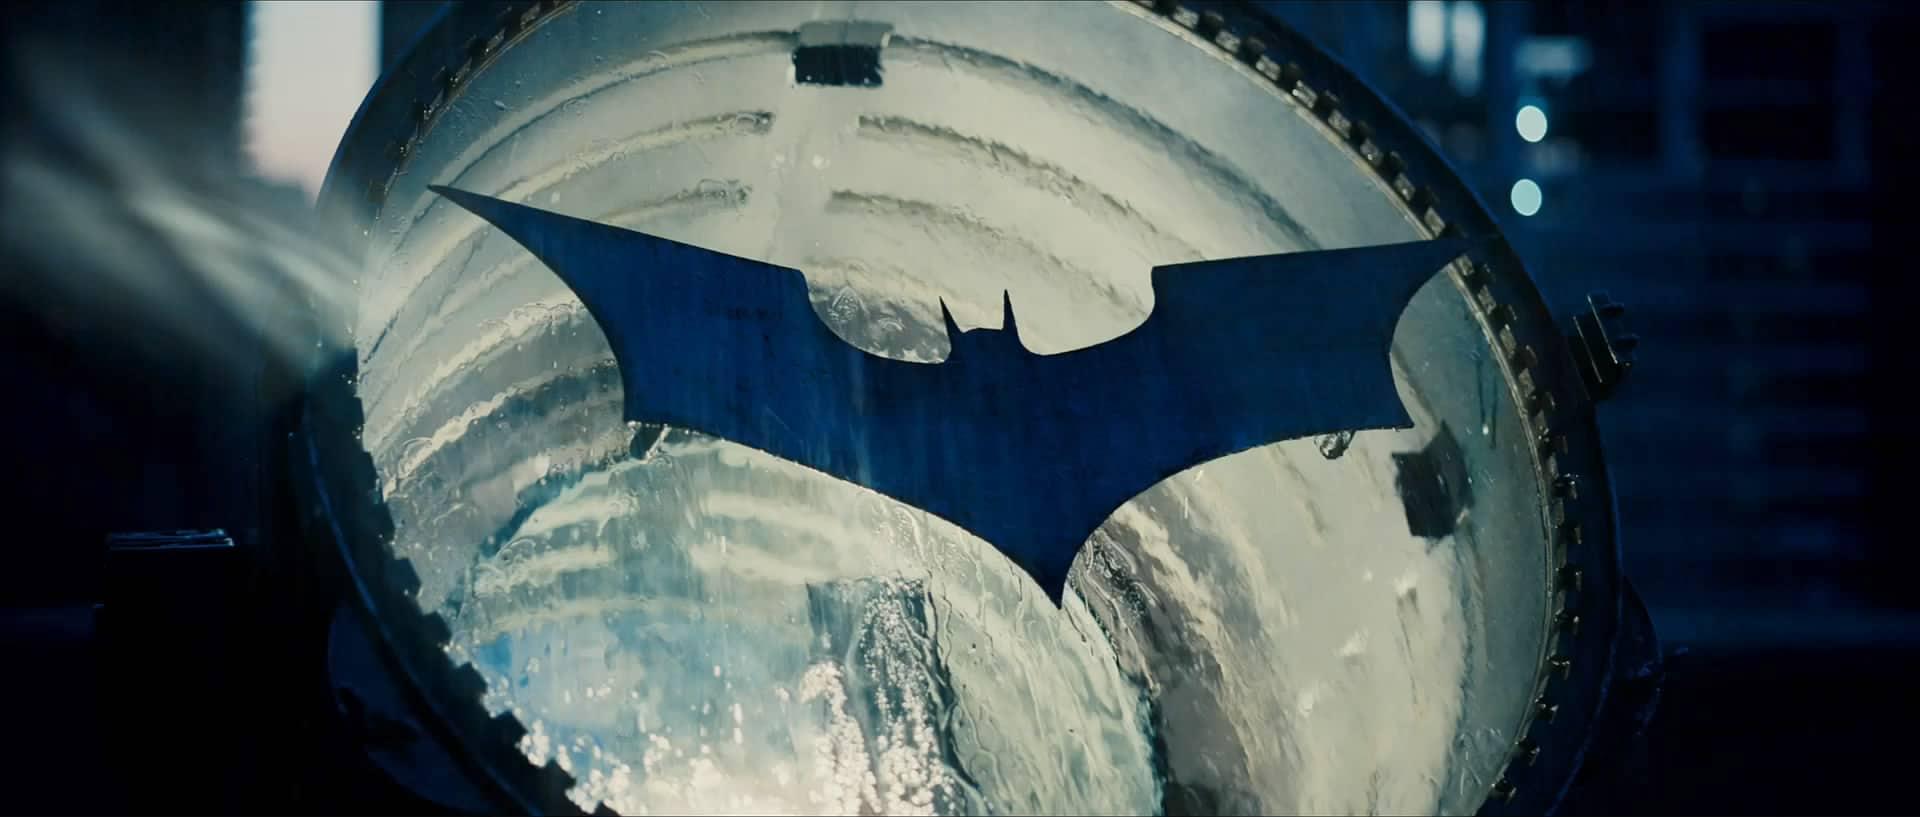 BatSignal Darren Aronofsky pour Batman 4 ?